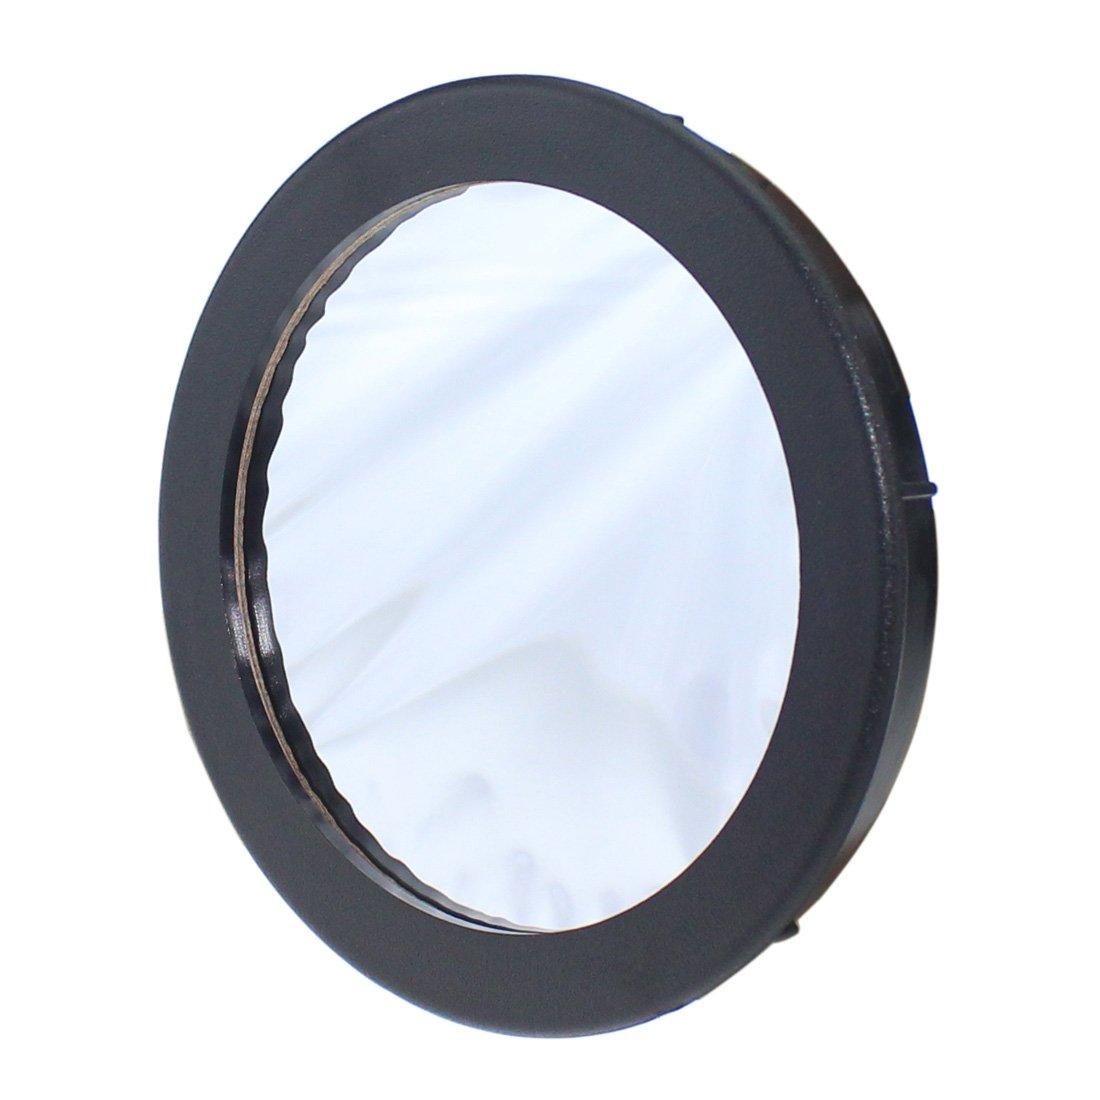 Solomark 90mm Solar Filter, Baader Planetarium Film, for 90mm Celestron Aperture Telescopes Plastic - Prepare for the Solar Eclipse of August, 2017